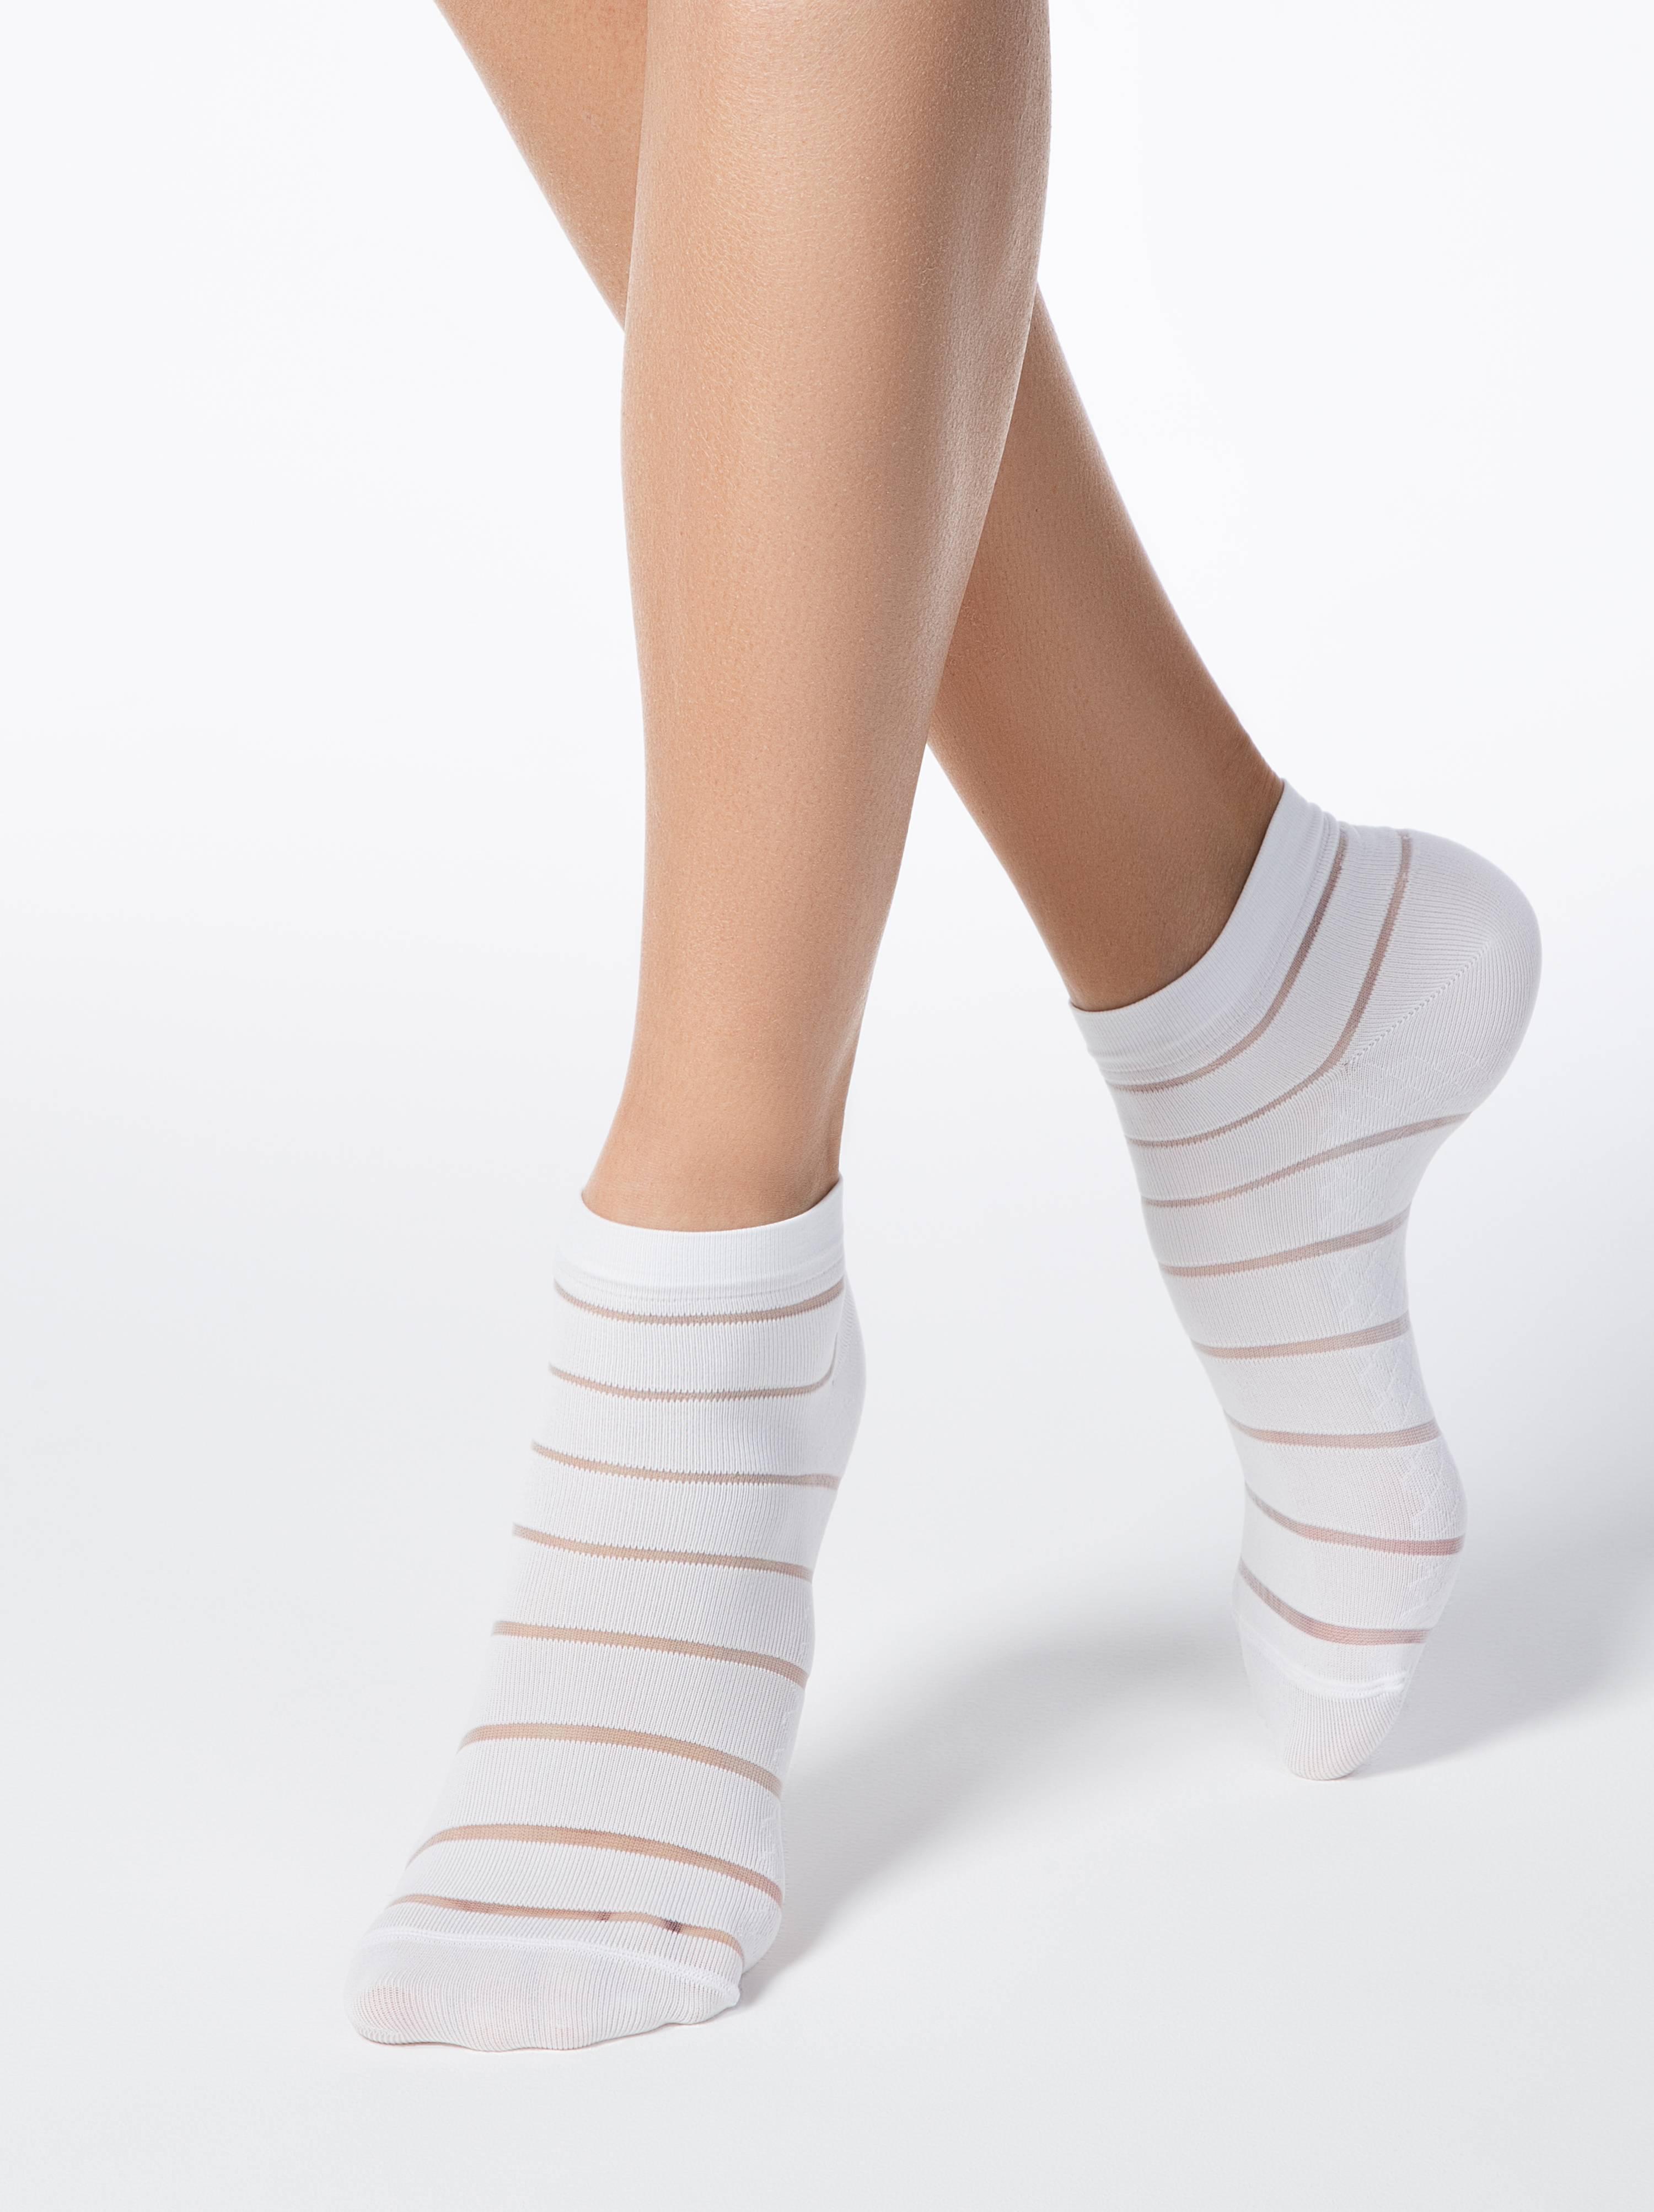 Носки полиамидные женские ⭐️ Короткие носки FANTASY ⭐️